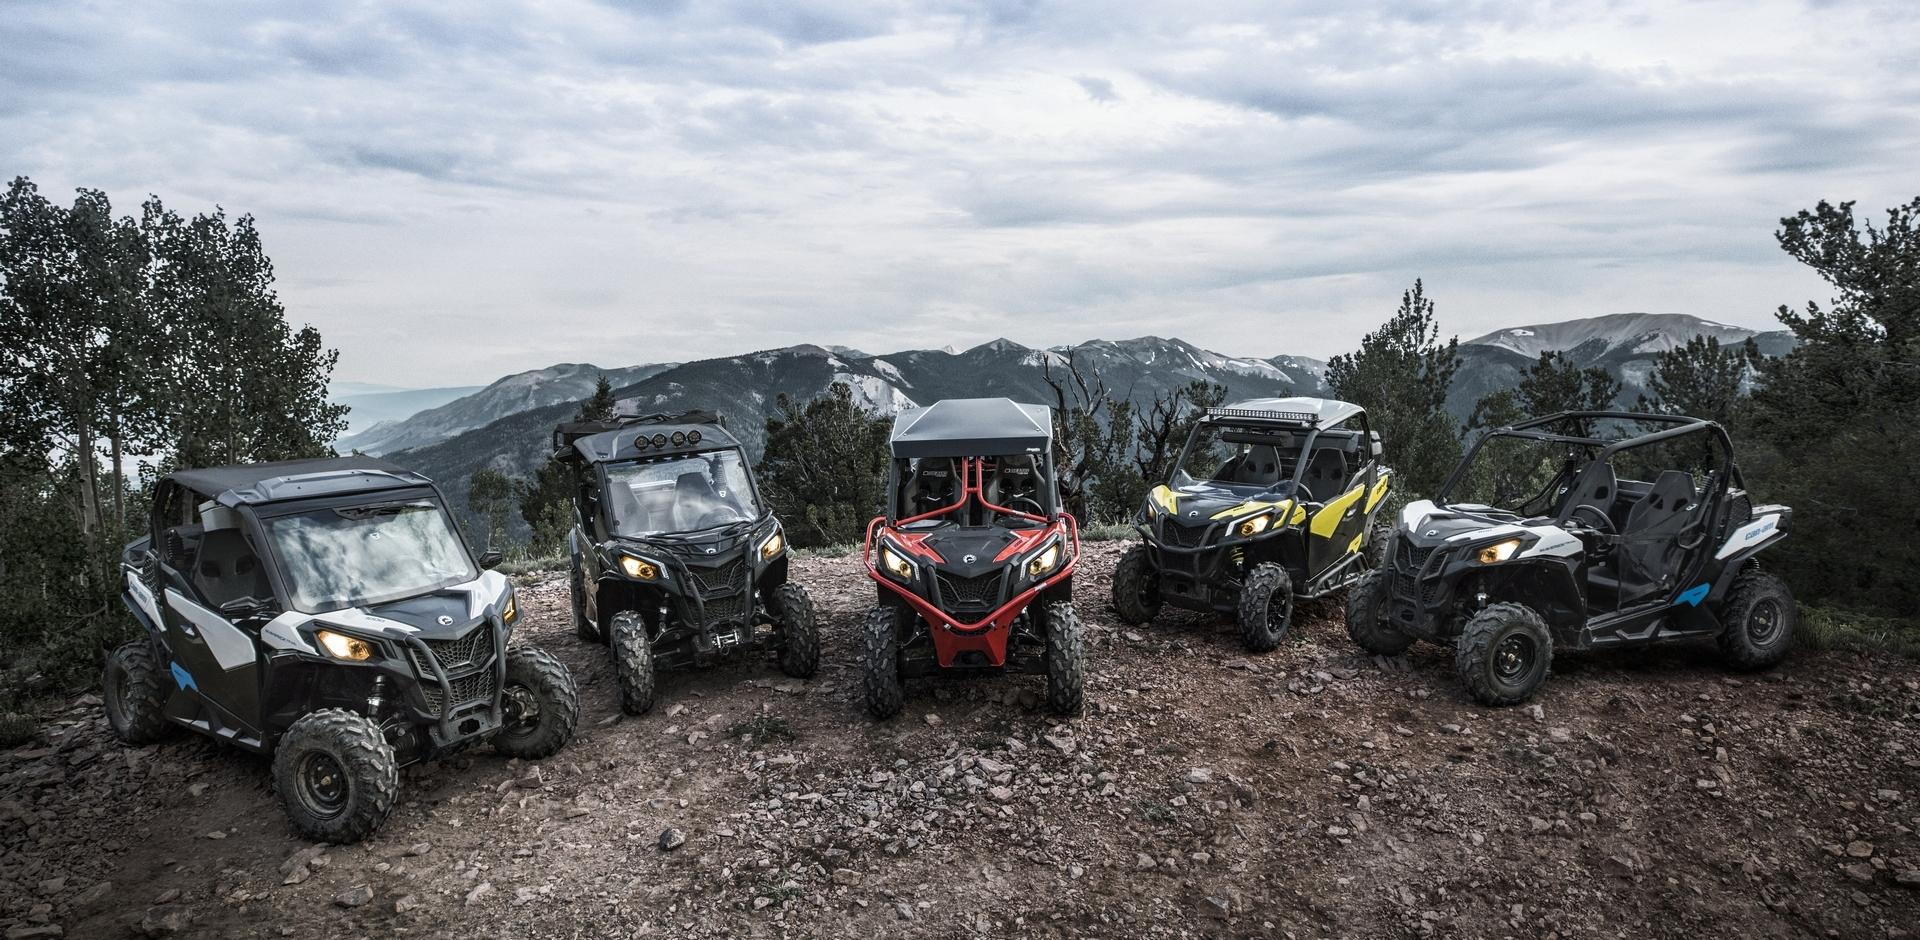 Мотовездеходы Can-Am 2018 модельного года созданы для тех, кто любит тропы, скалы и грязь